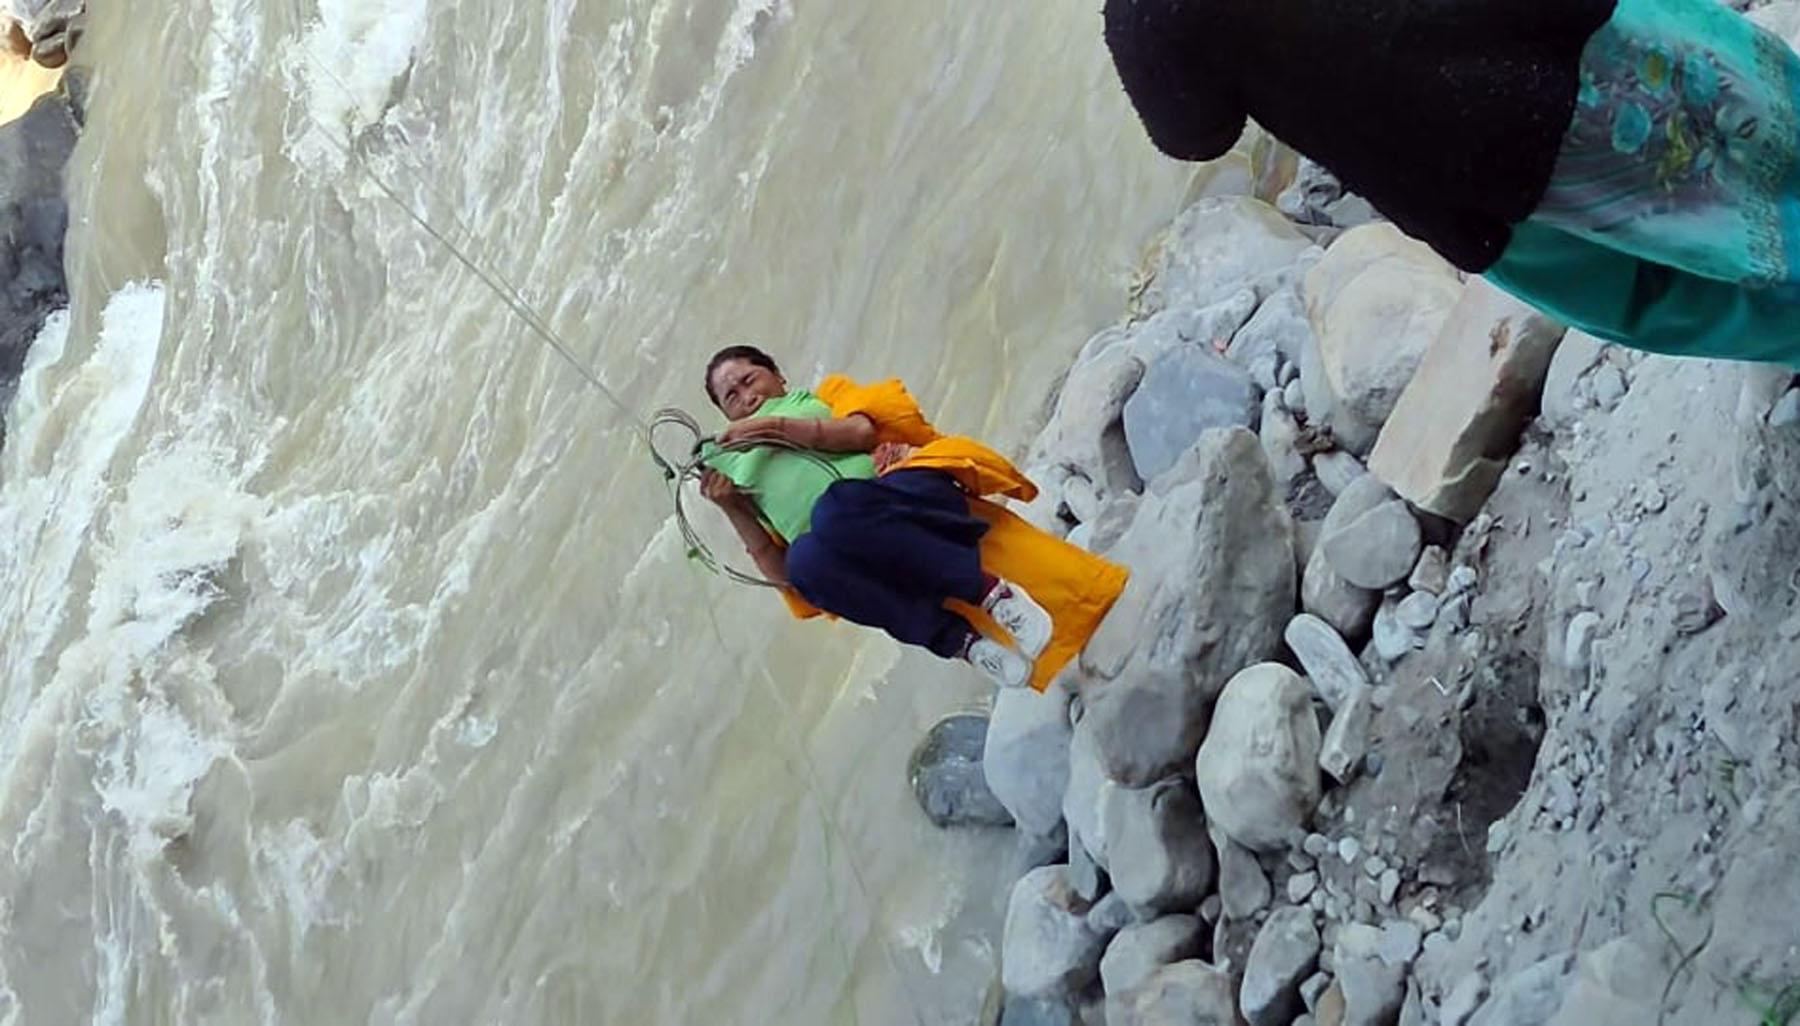 दार्चुलामा अझै बनेन झोलुङ्गे पुल, व्याँसवासी अझै तुइनकै भरमा